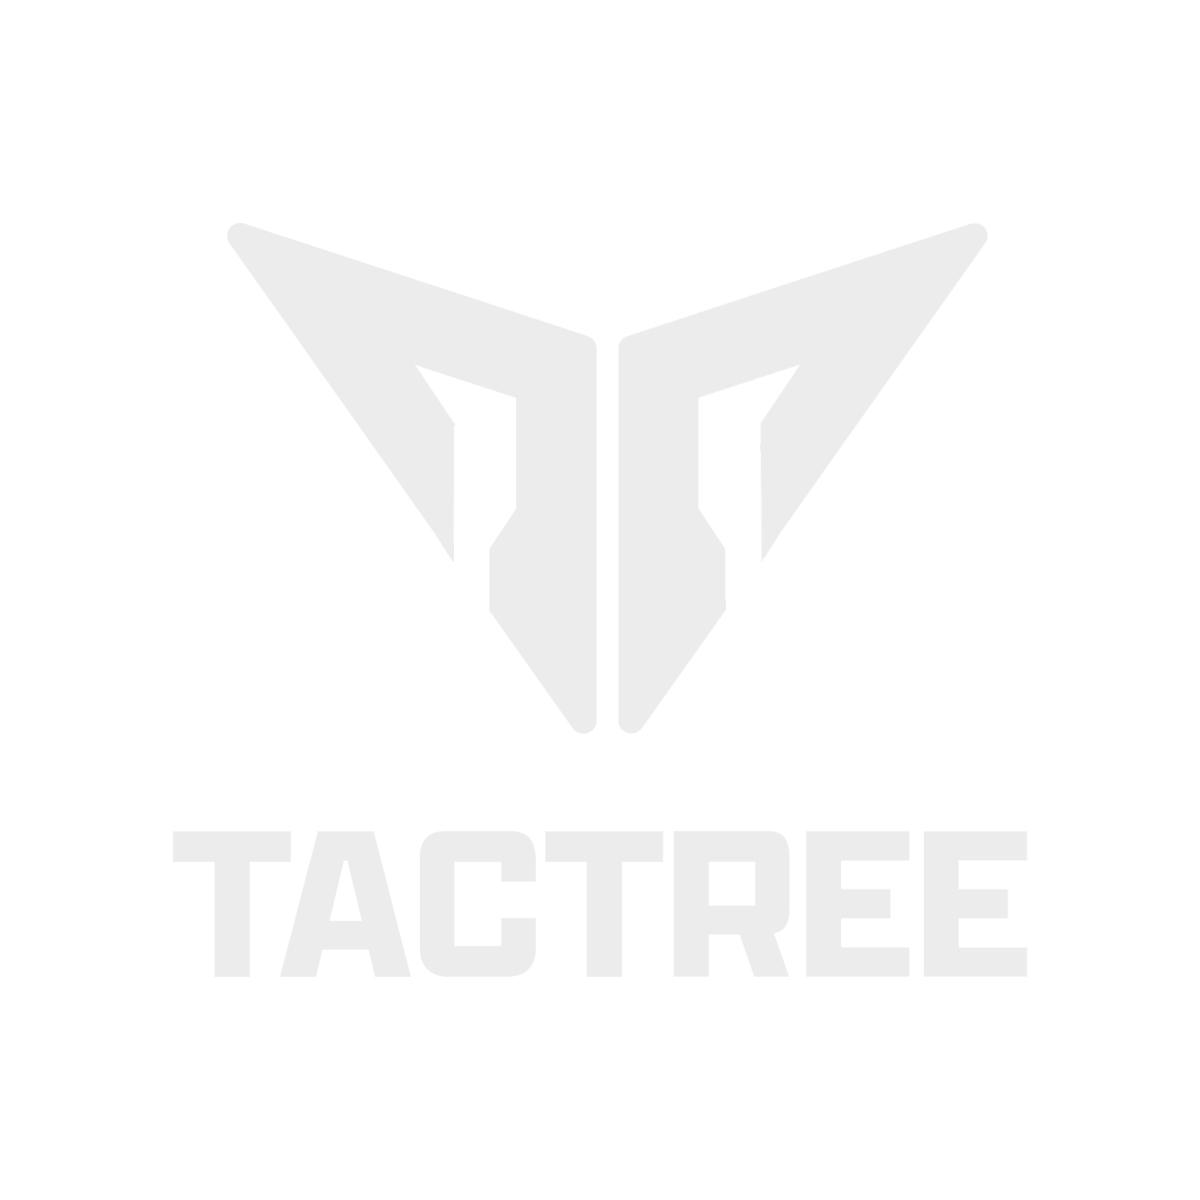 5.11 TacTec Chest Rig